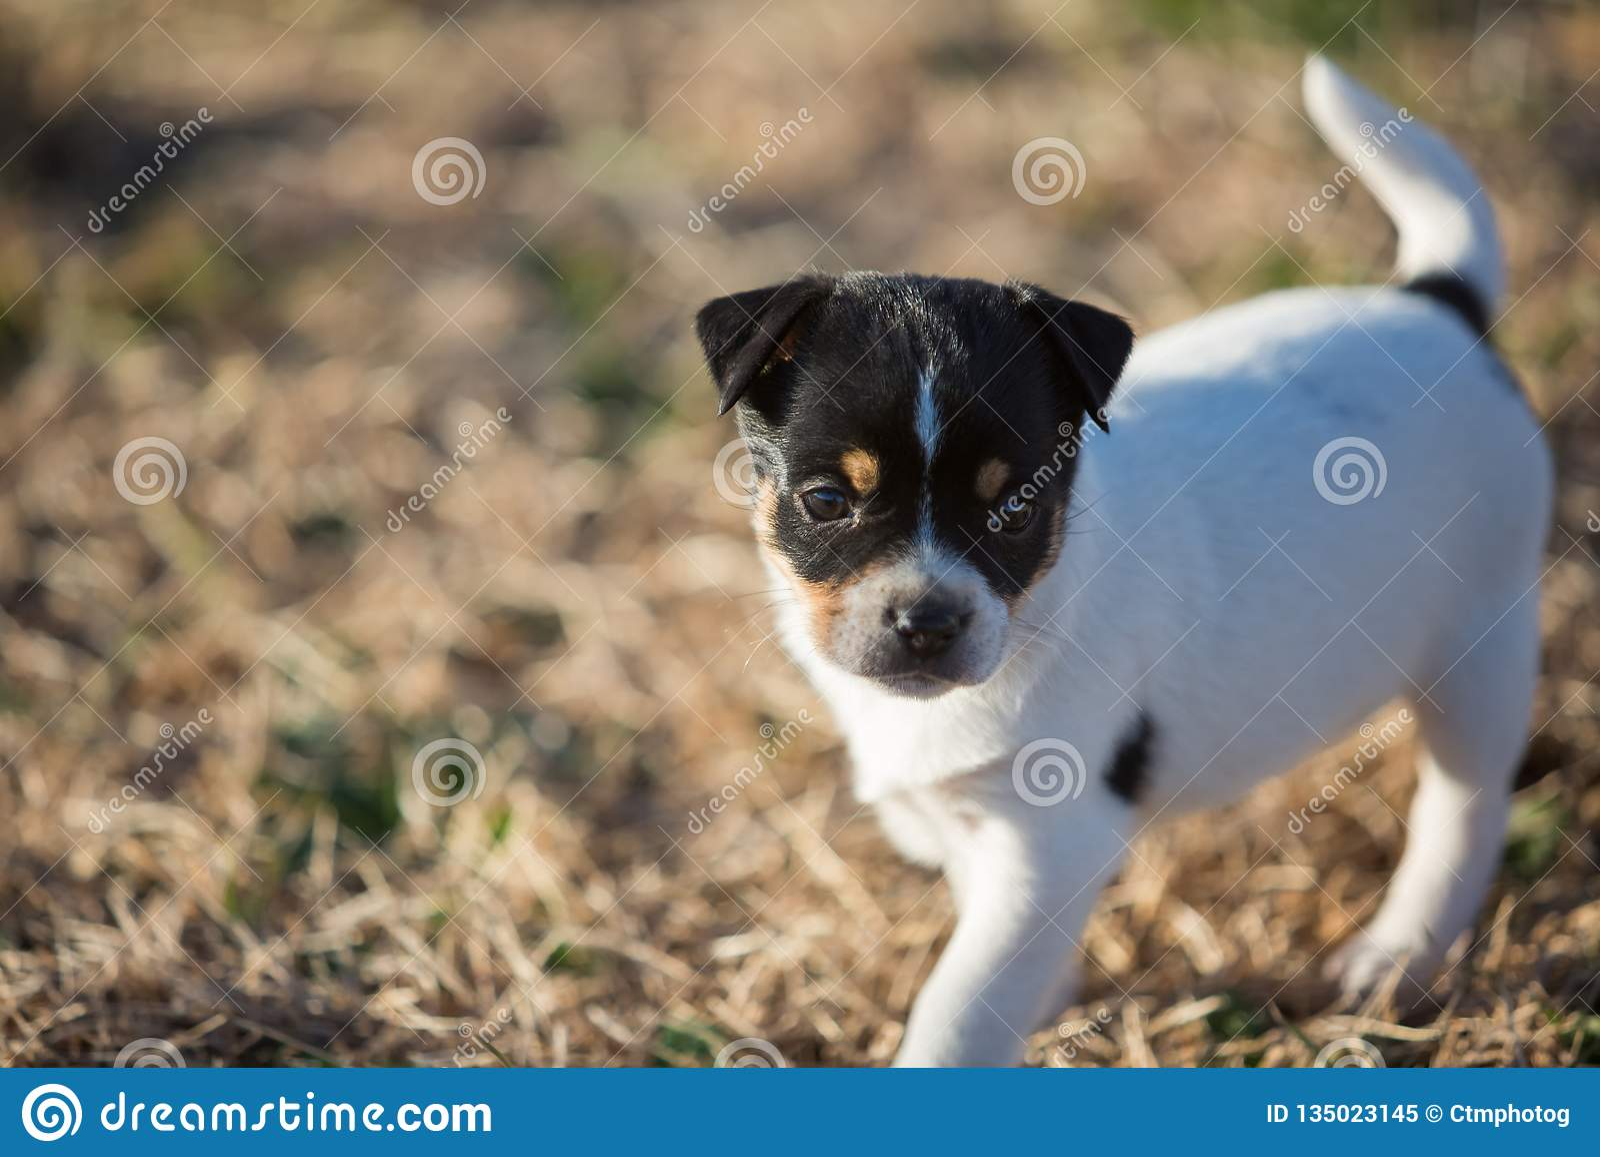 Little puppy in yard